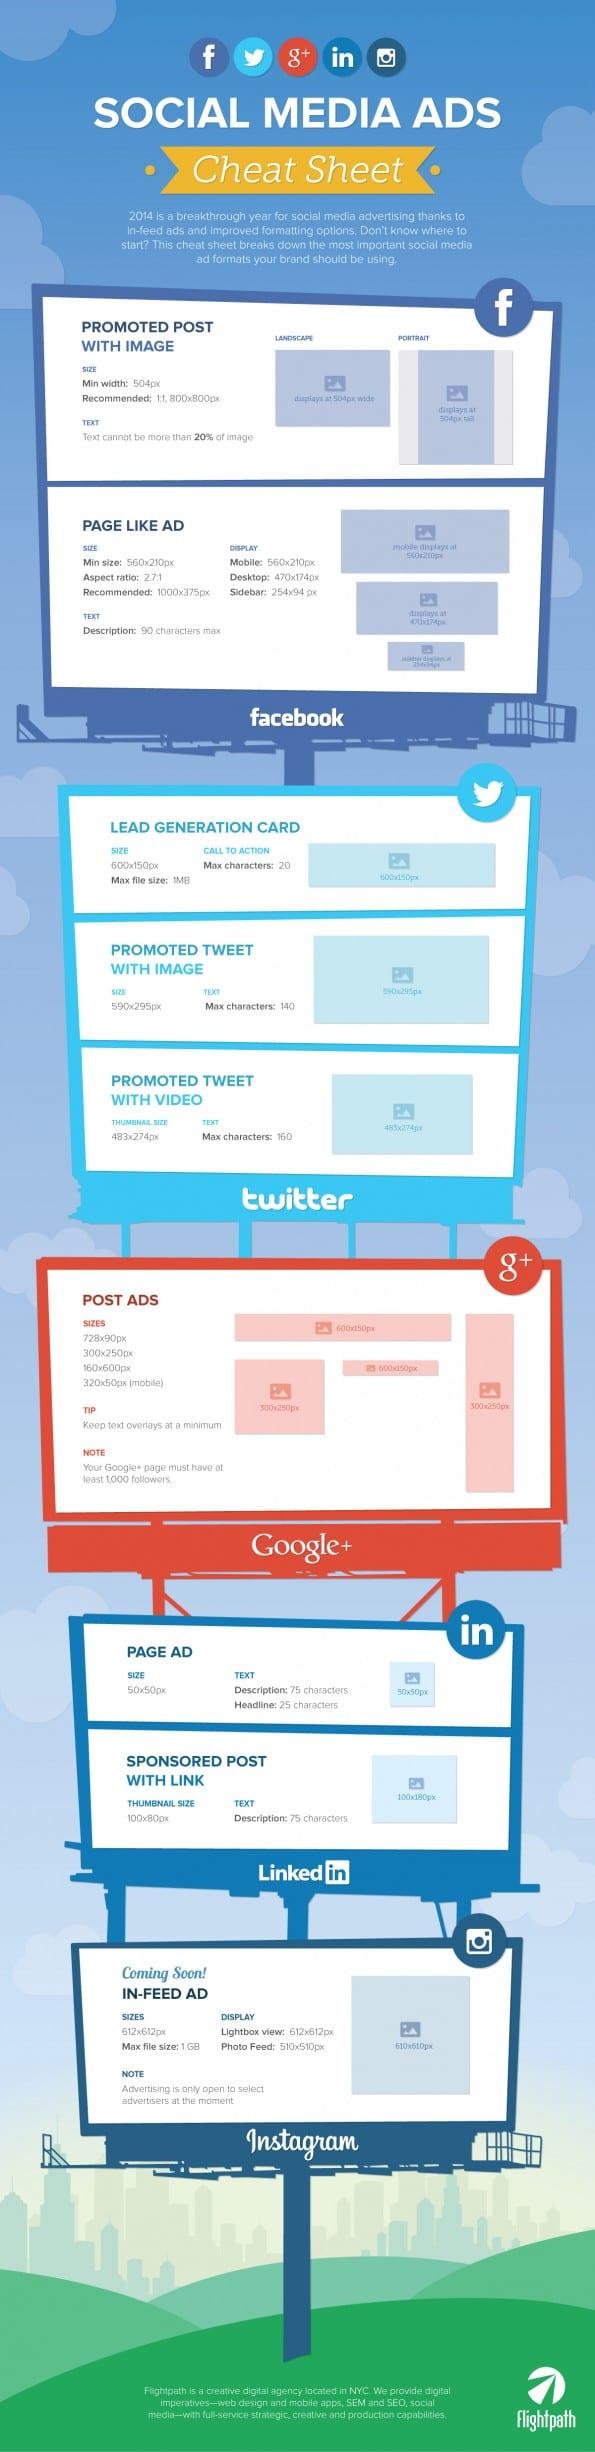 Adverteren op social media - de ideale afmetingen op een rij [infogrpahic]